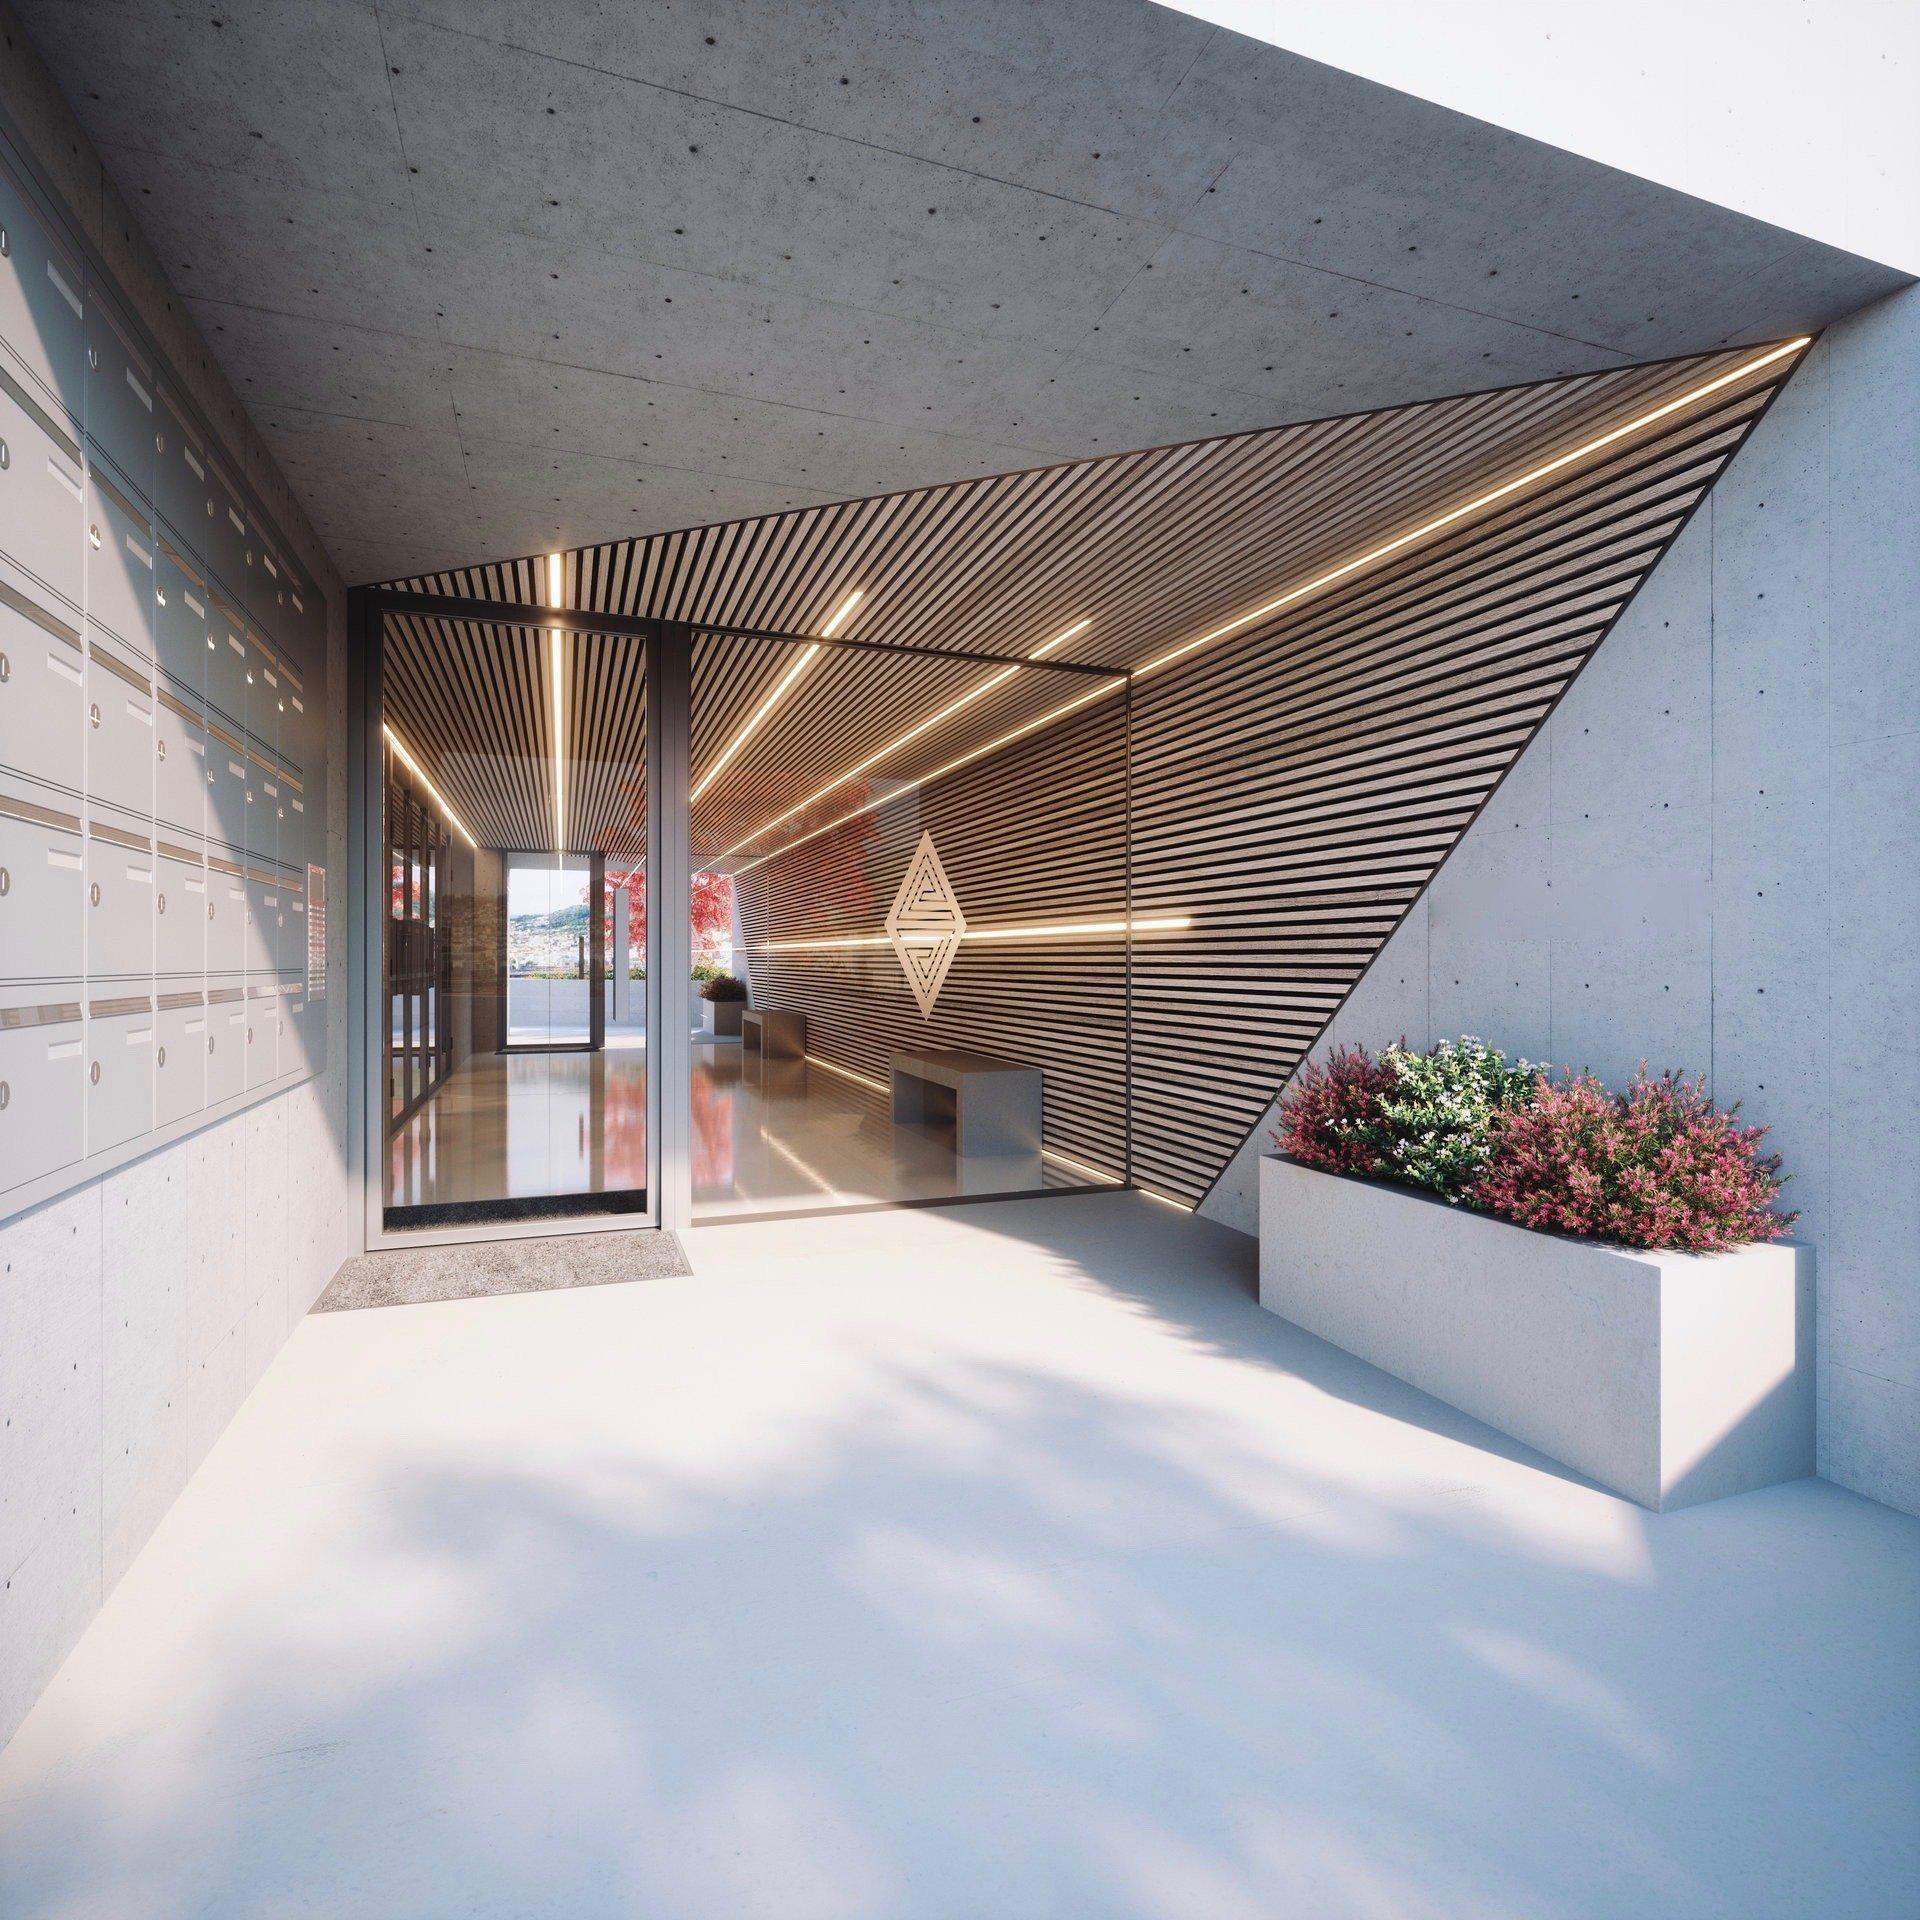 NICE - Prôvence-Alpes-Côte d'azur - vente appartement d'exception avec terrasse et jardin